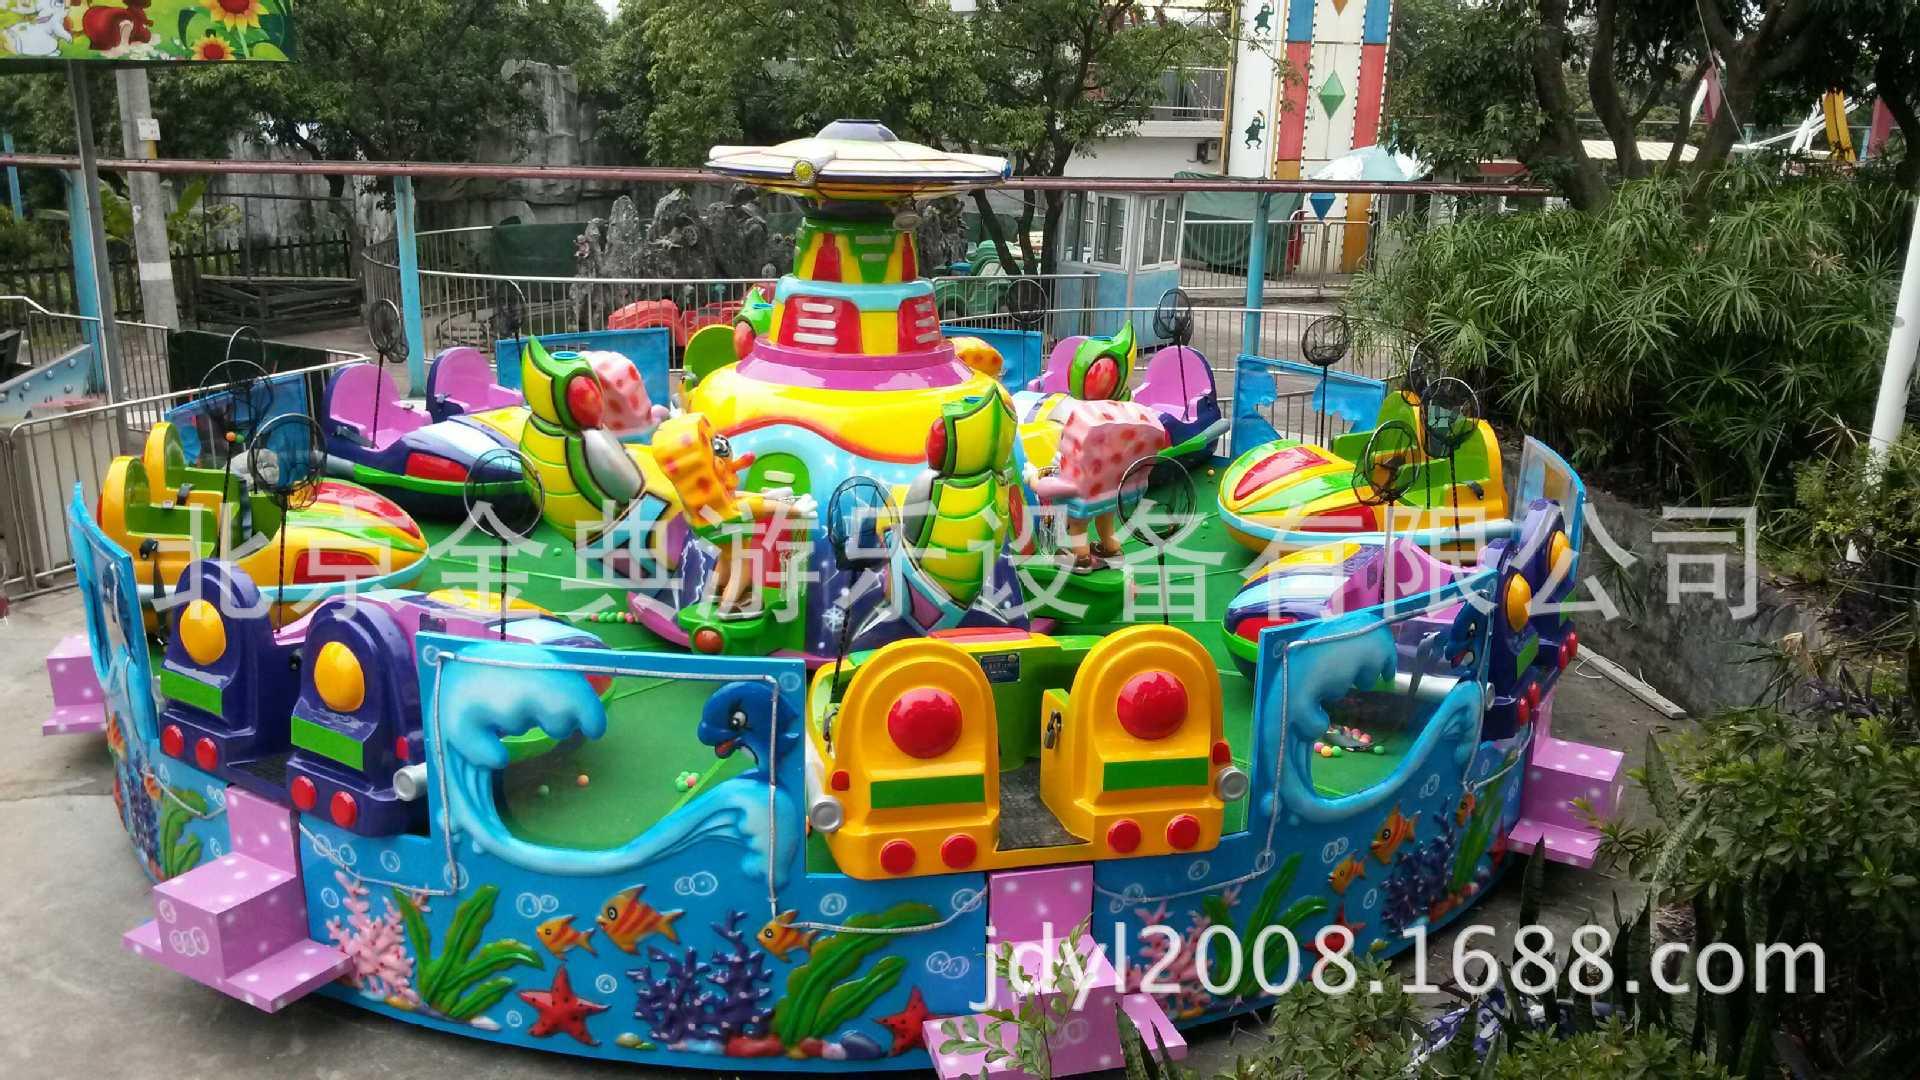 儿童游乐设备 亲子游乐设备 商场游乐设备 五彩魔幻球示例图2